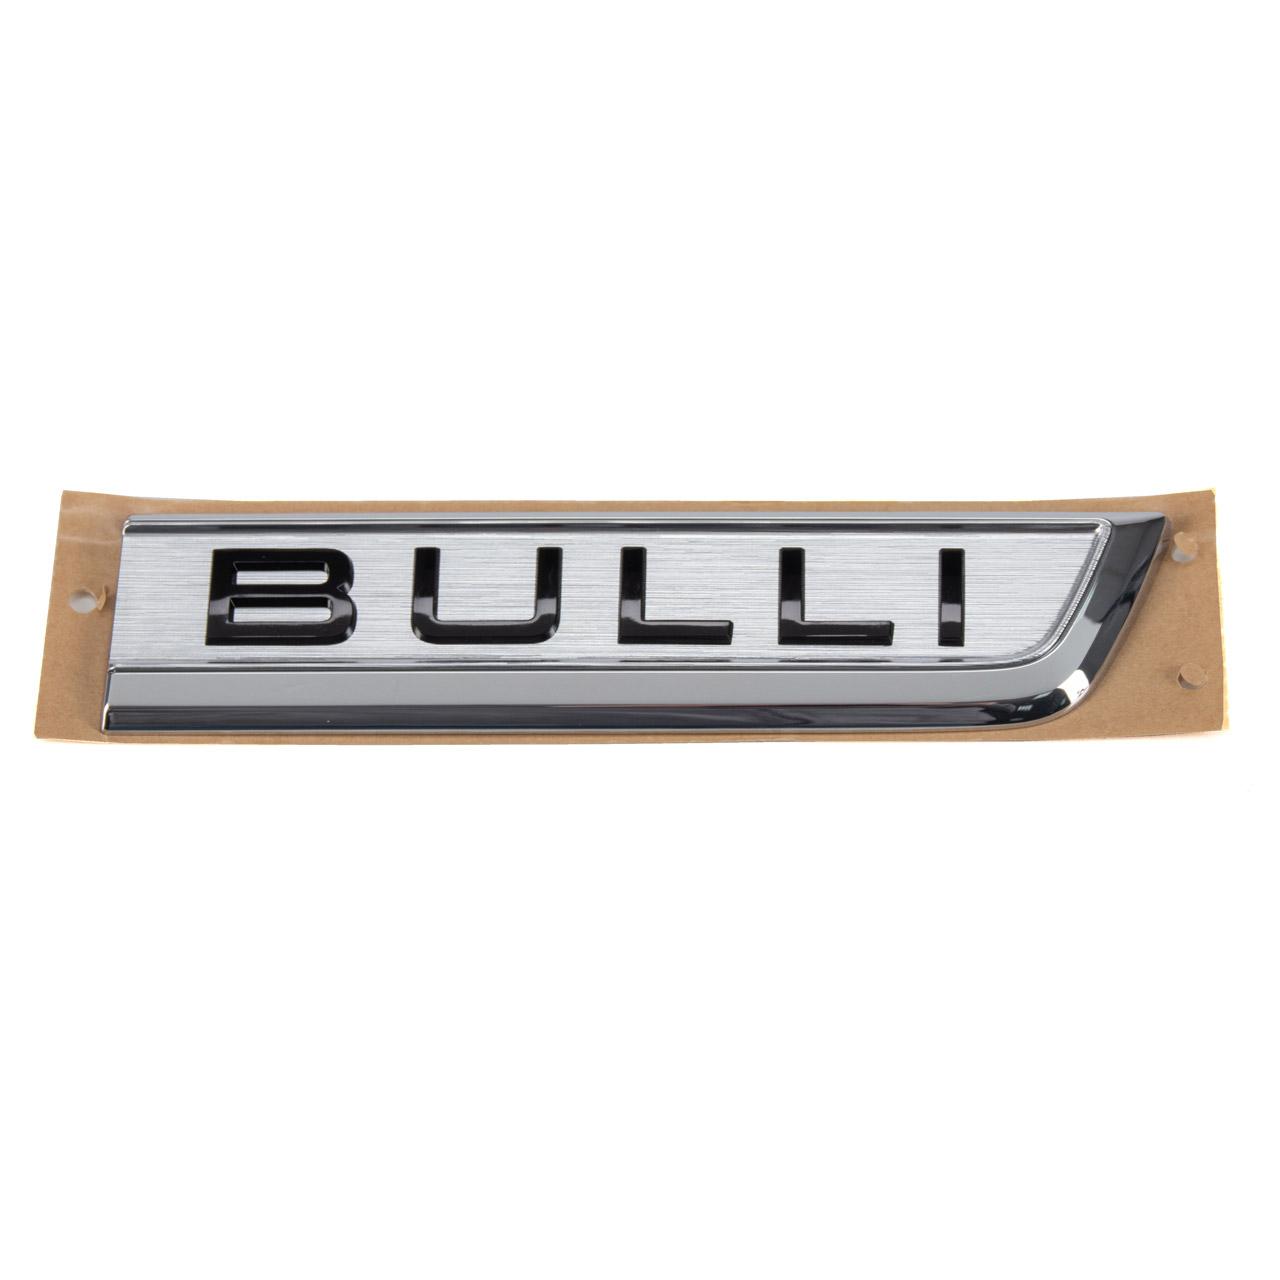 ORIGINAL VW BULLI Emblem Schriftzug Transporter Multivan T6 links 7E0853688ACBX